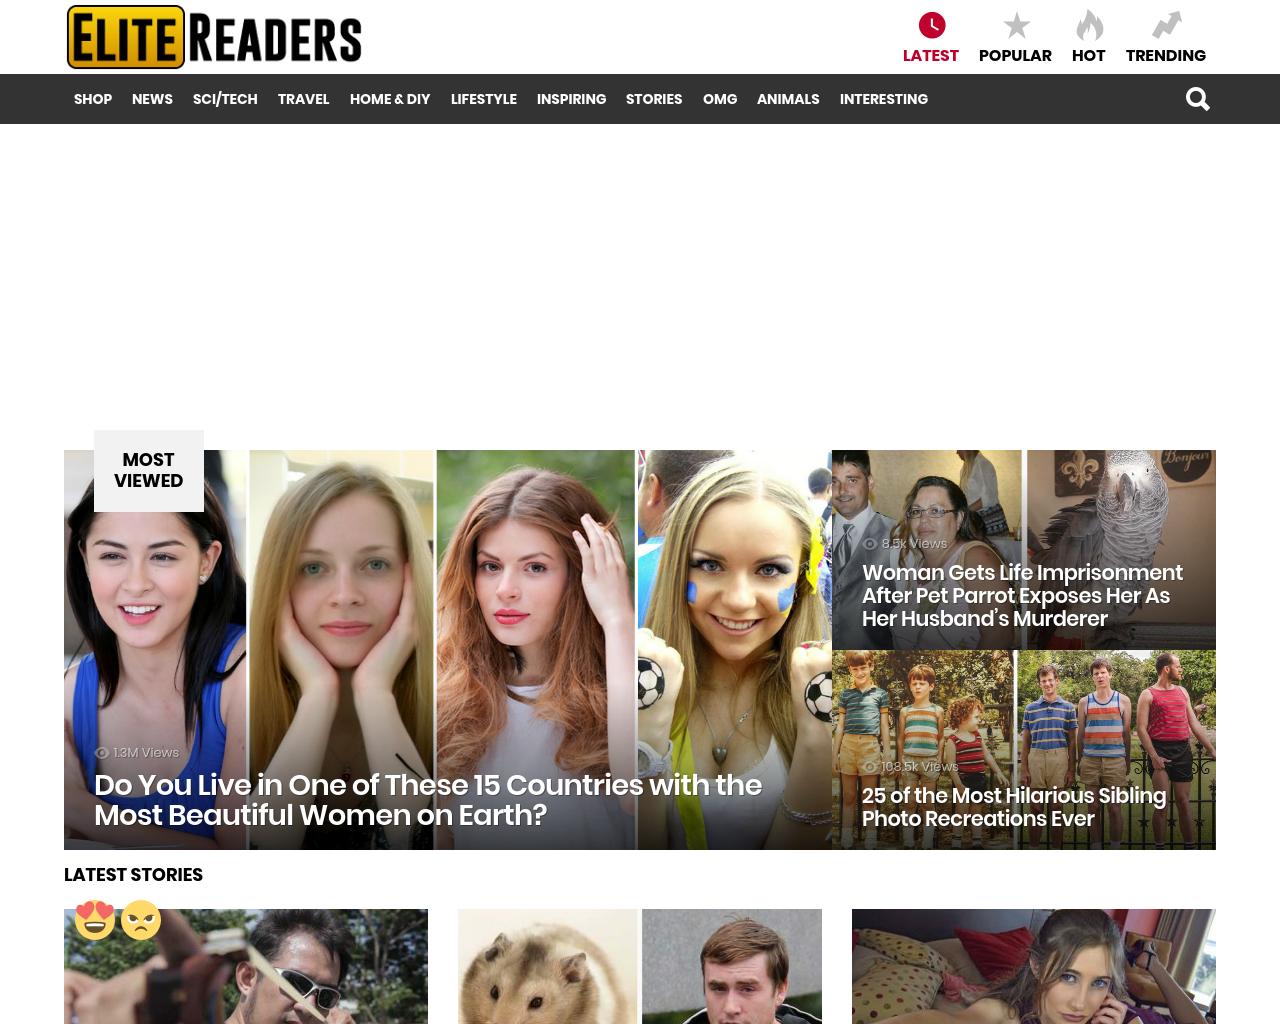 Elite-Readers-Advertising-Reviews-Pricing